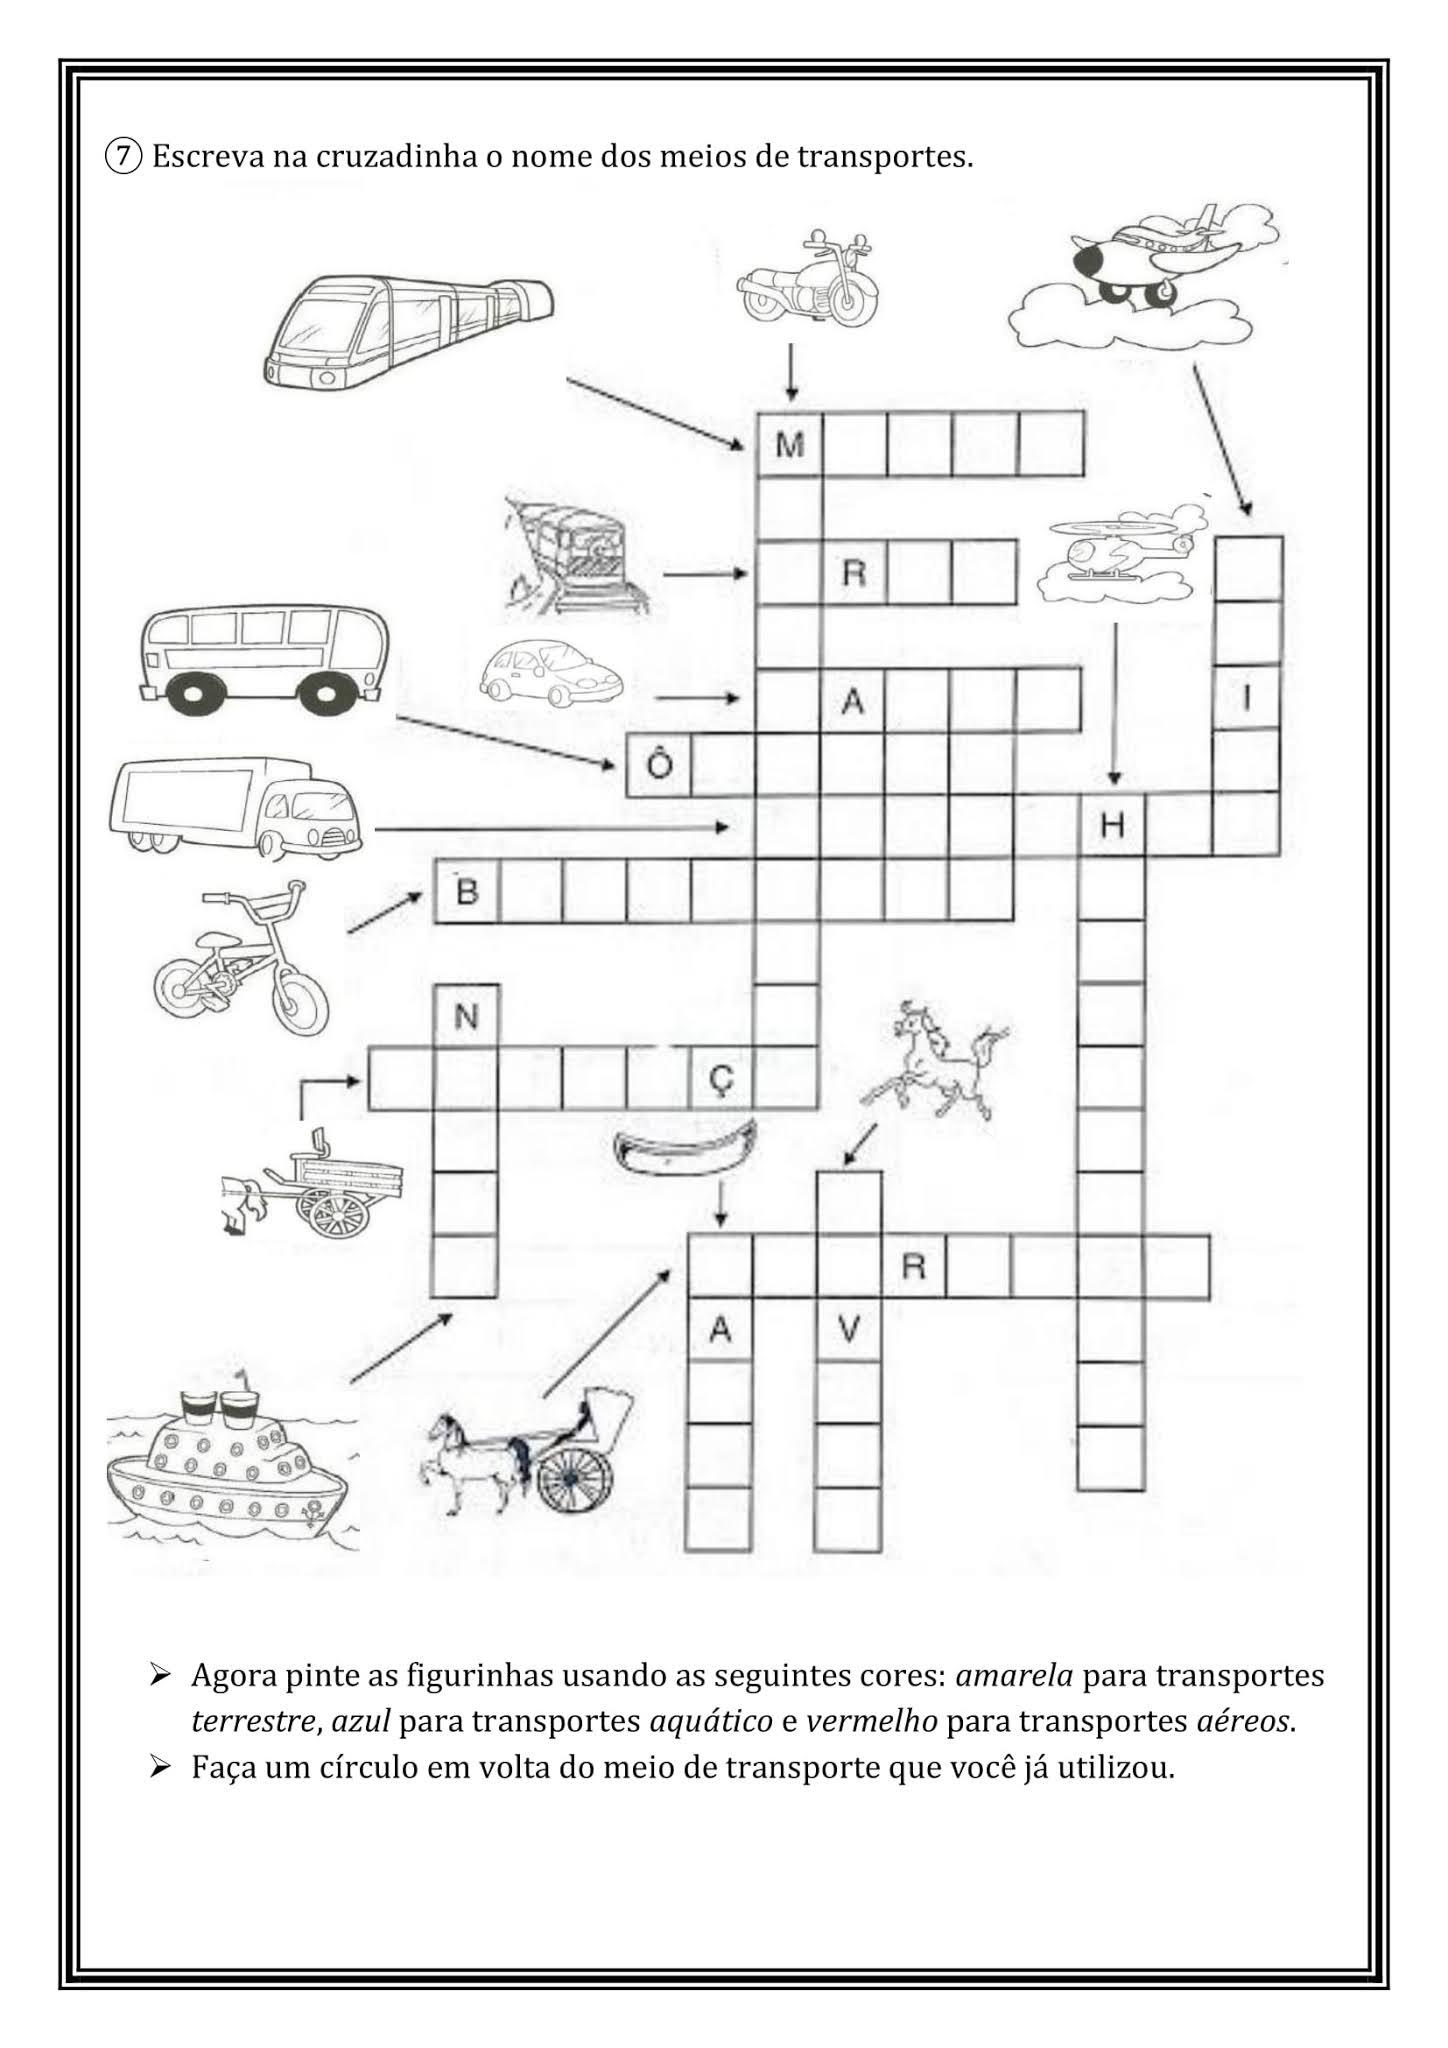 Atividade Geografia: Meios de transporte (2º ano) - Ensino Fundamental